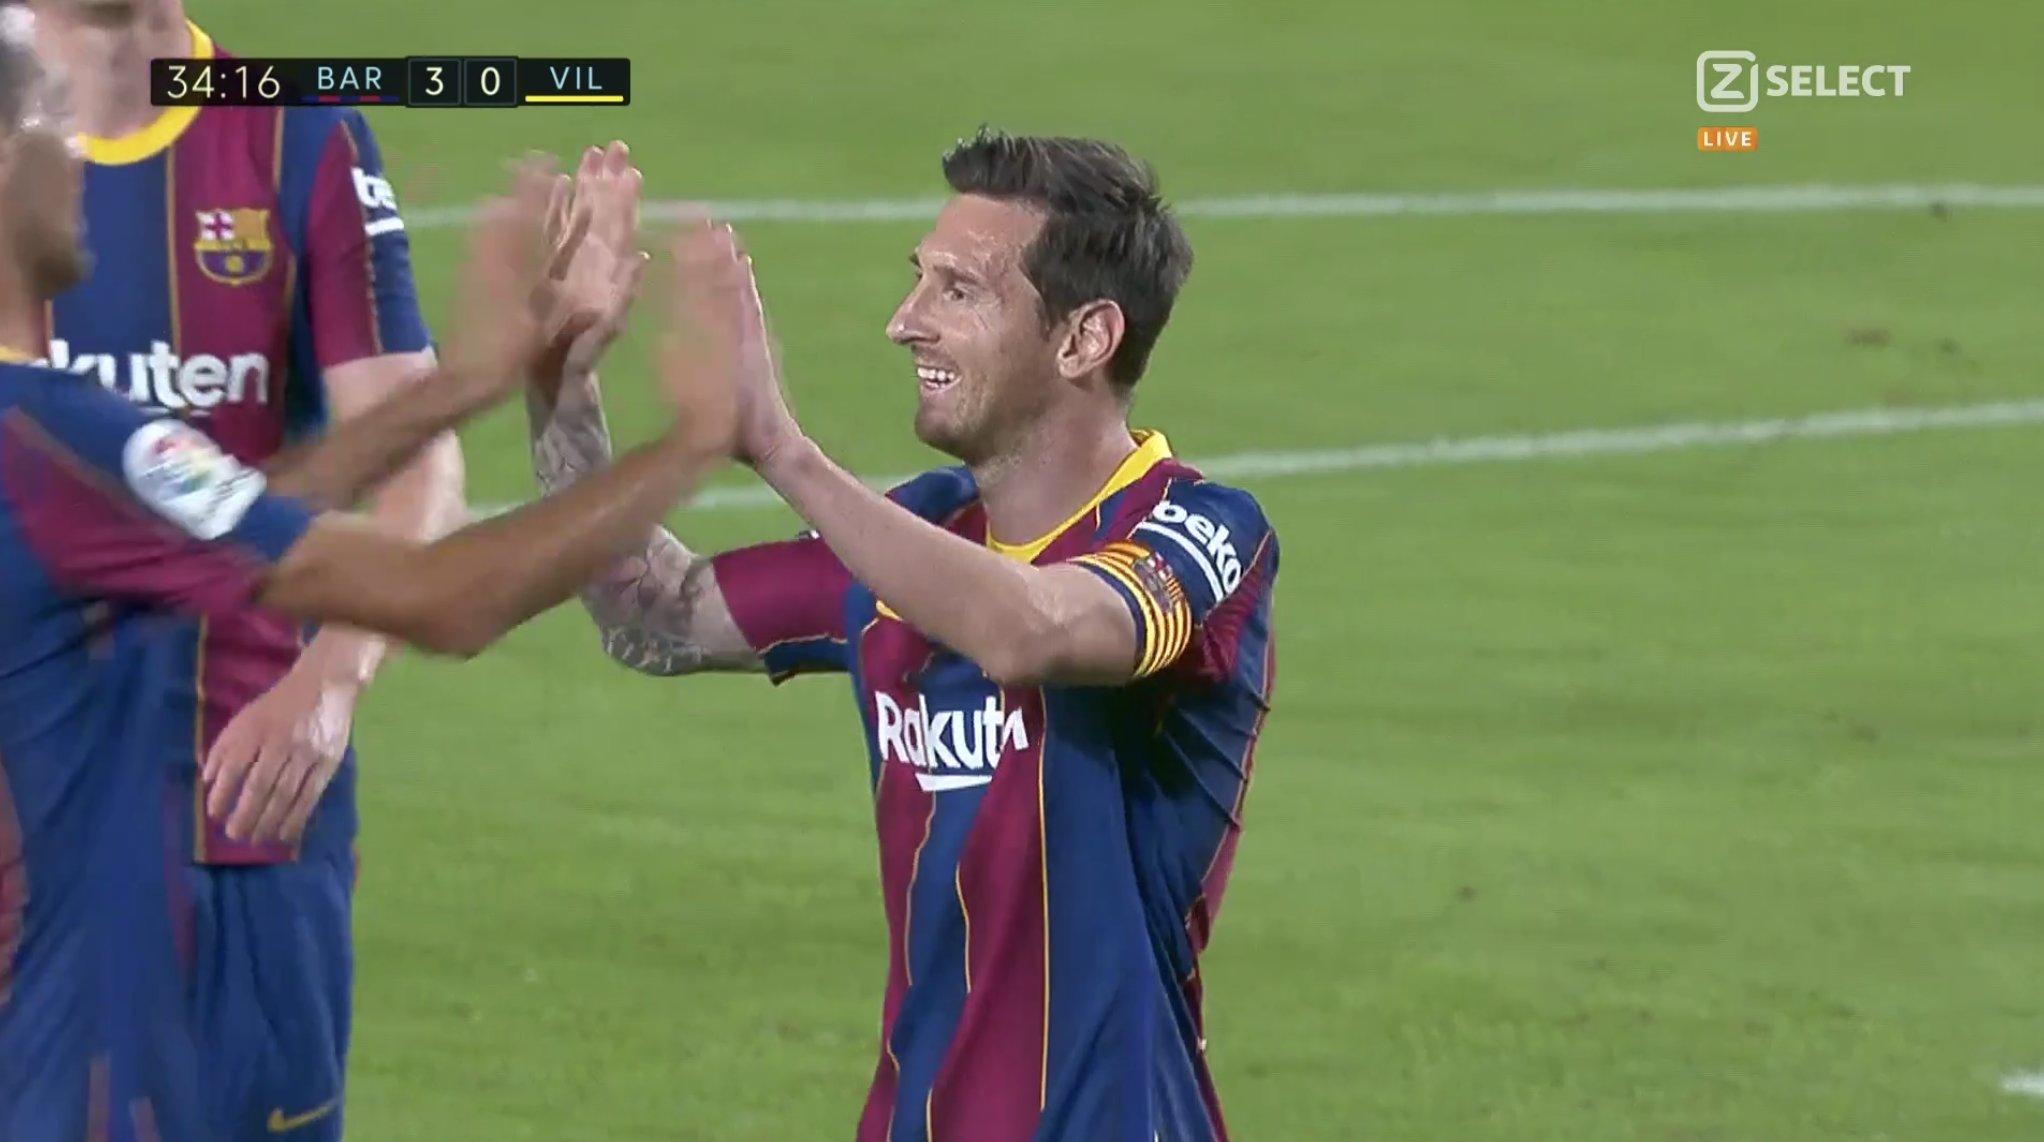 LIVE| Barcelona e papërmbajtshme, Mesi shënon goli e tretë (VIDEO)